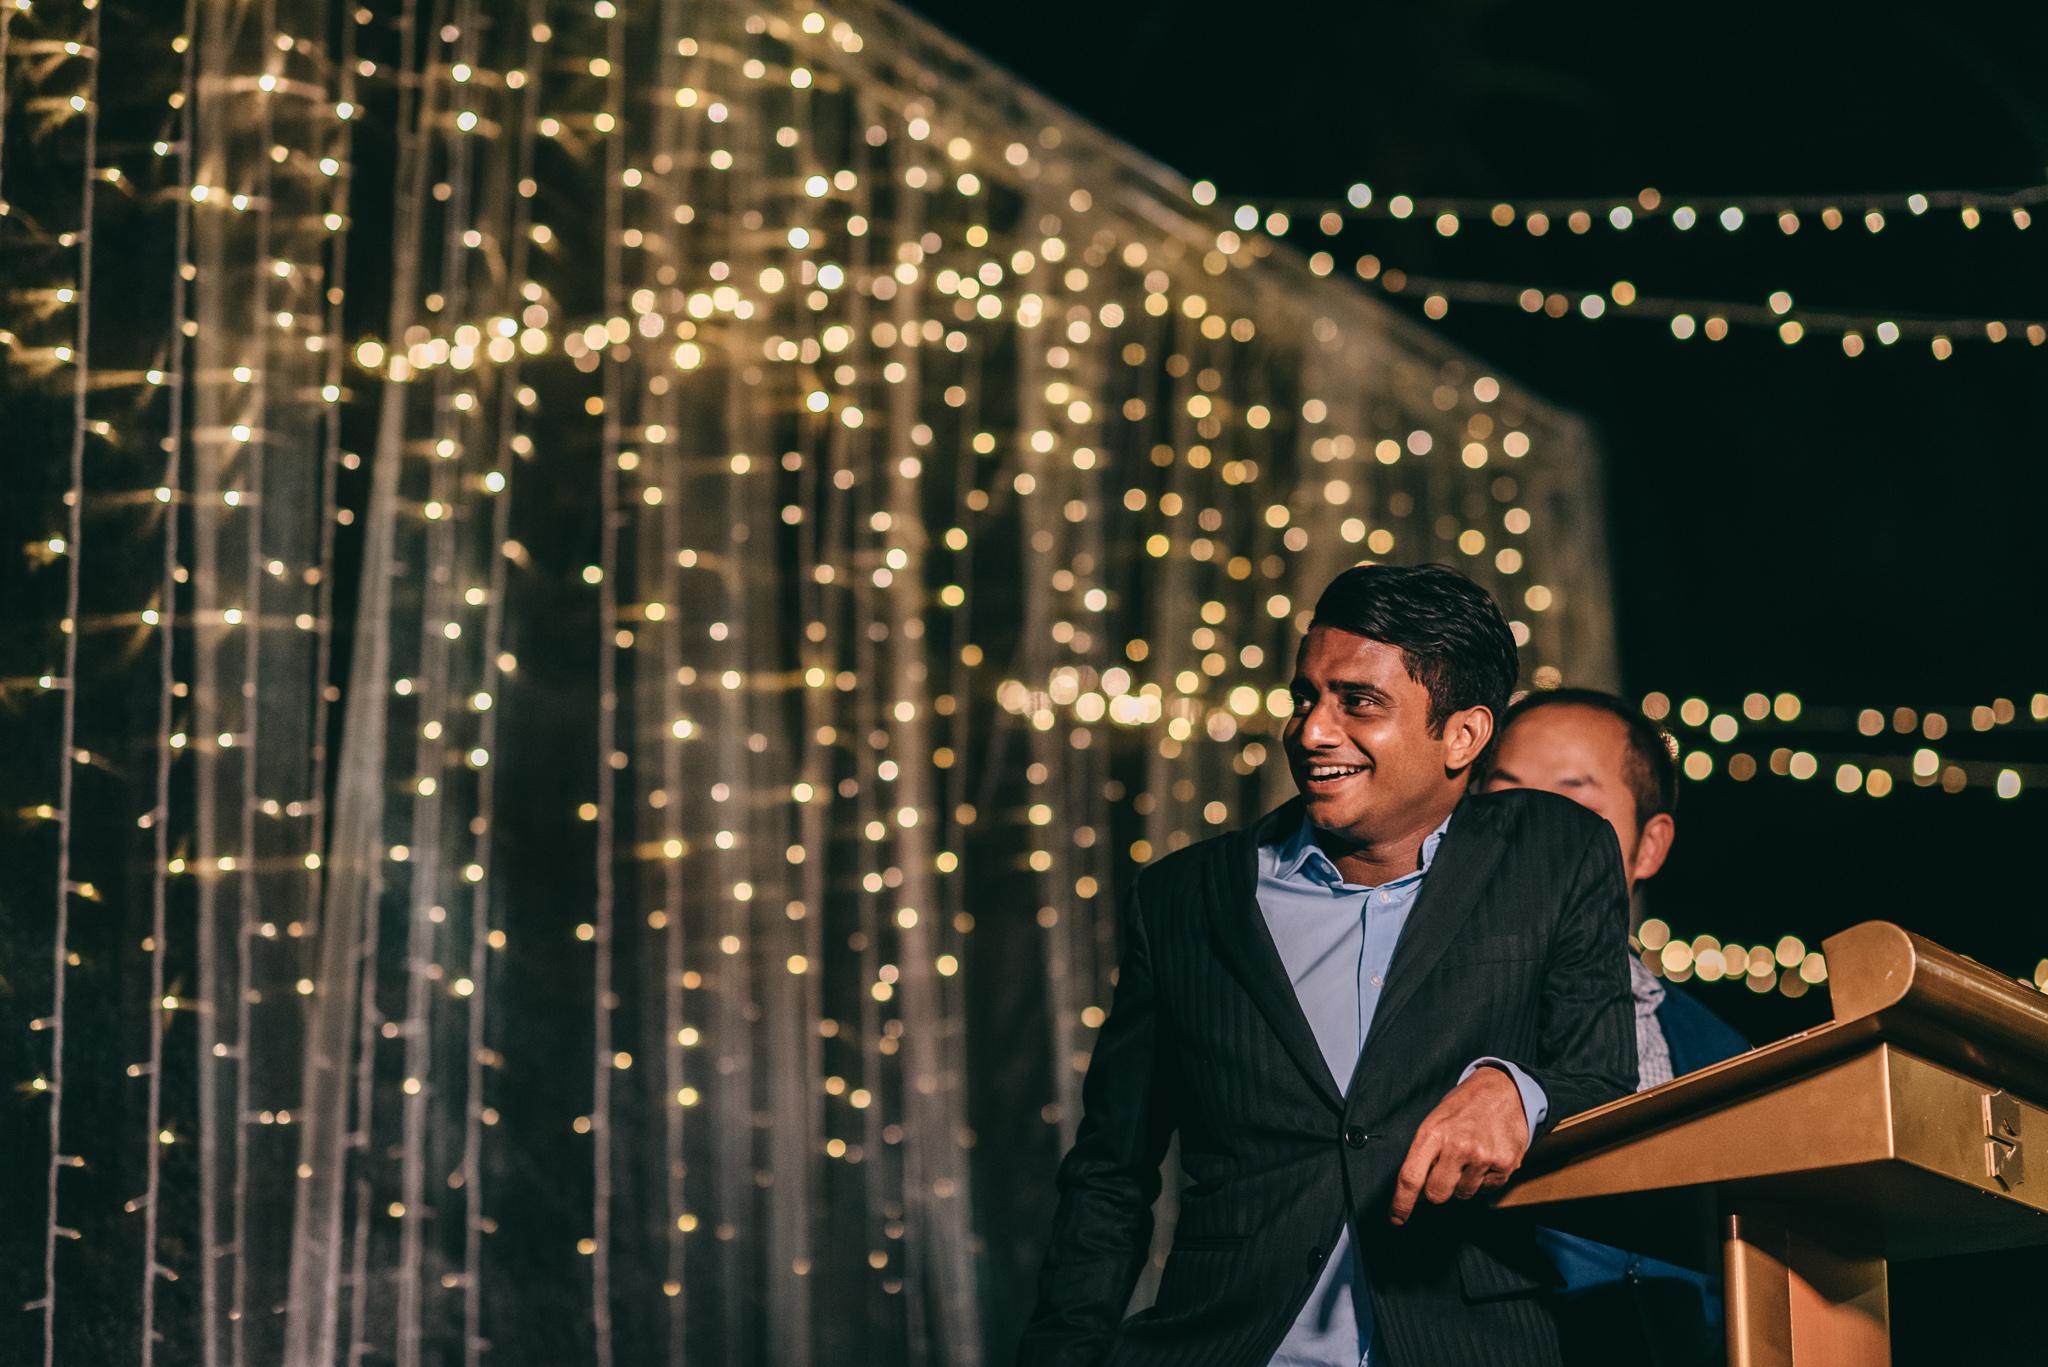 Lionel & Karen Wedding Day Highlights (resized for sharing) - 176.jpg